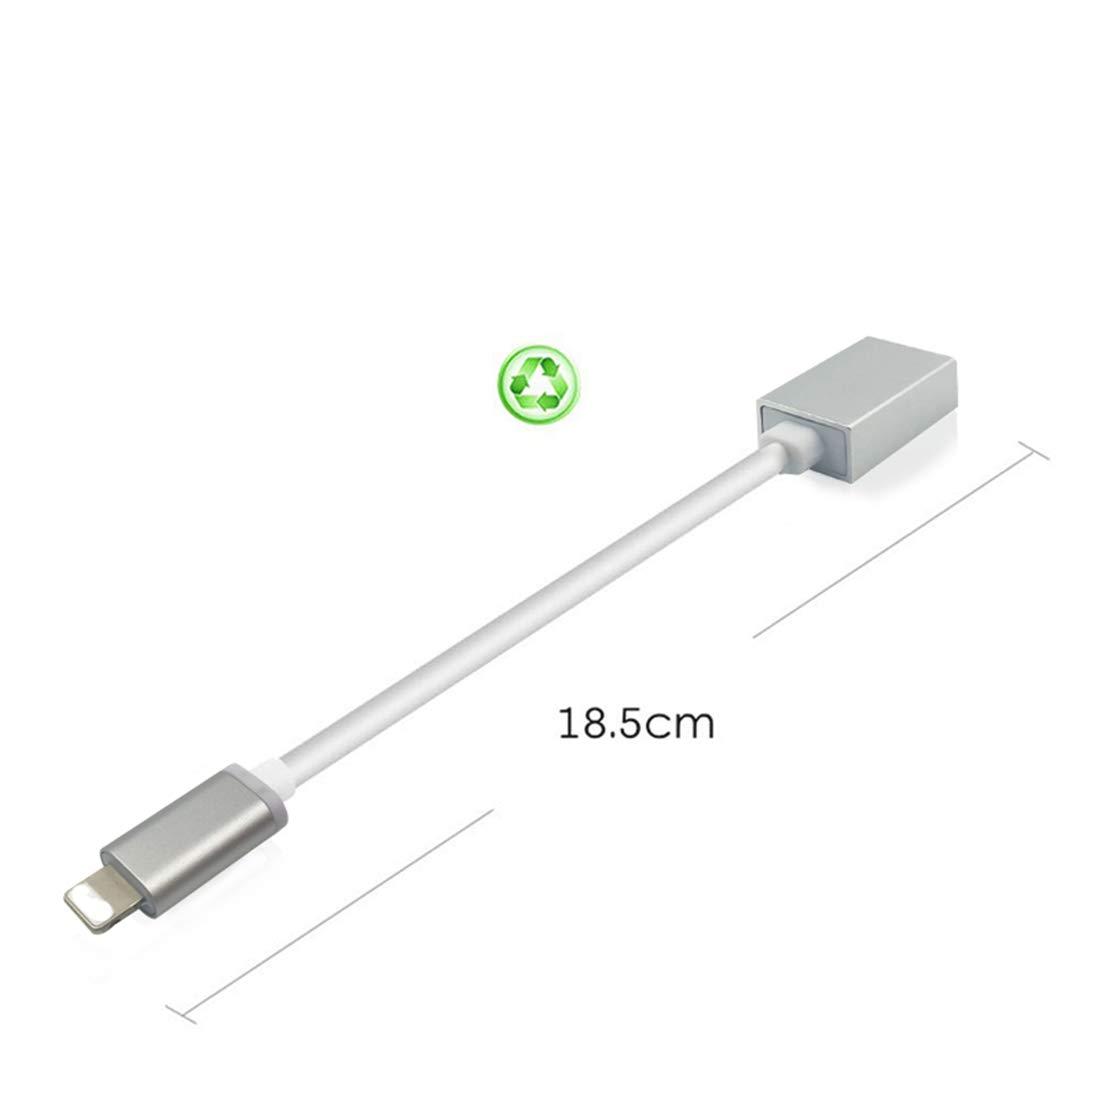 Luckind maschio a femmina adattatore USB cavo OTG compatto con iOS 10.3/above kit di connessione fotocamera digitale piano microfono audio interfaccia MIDI tastiera